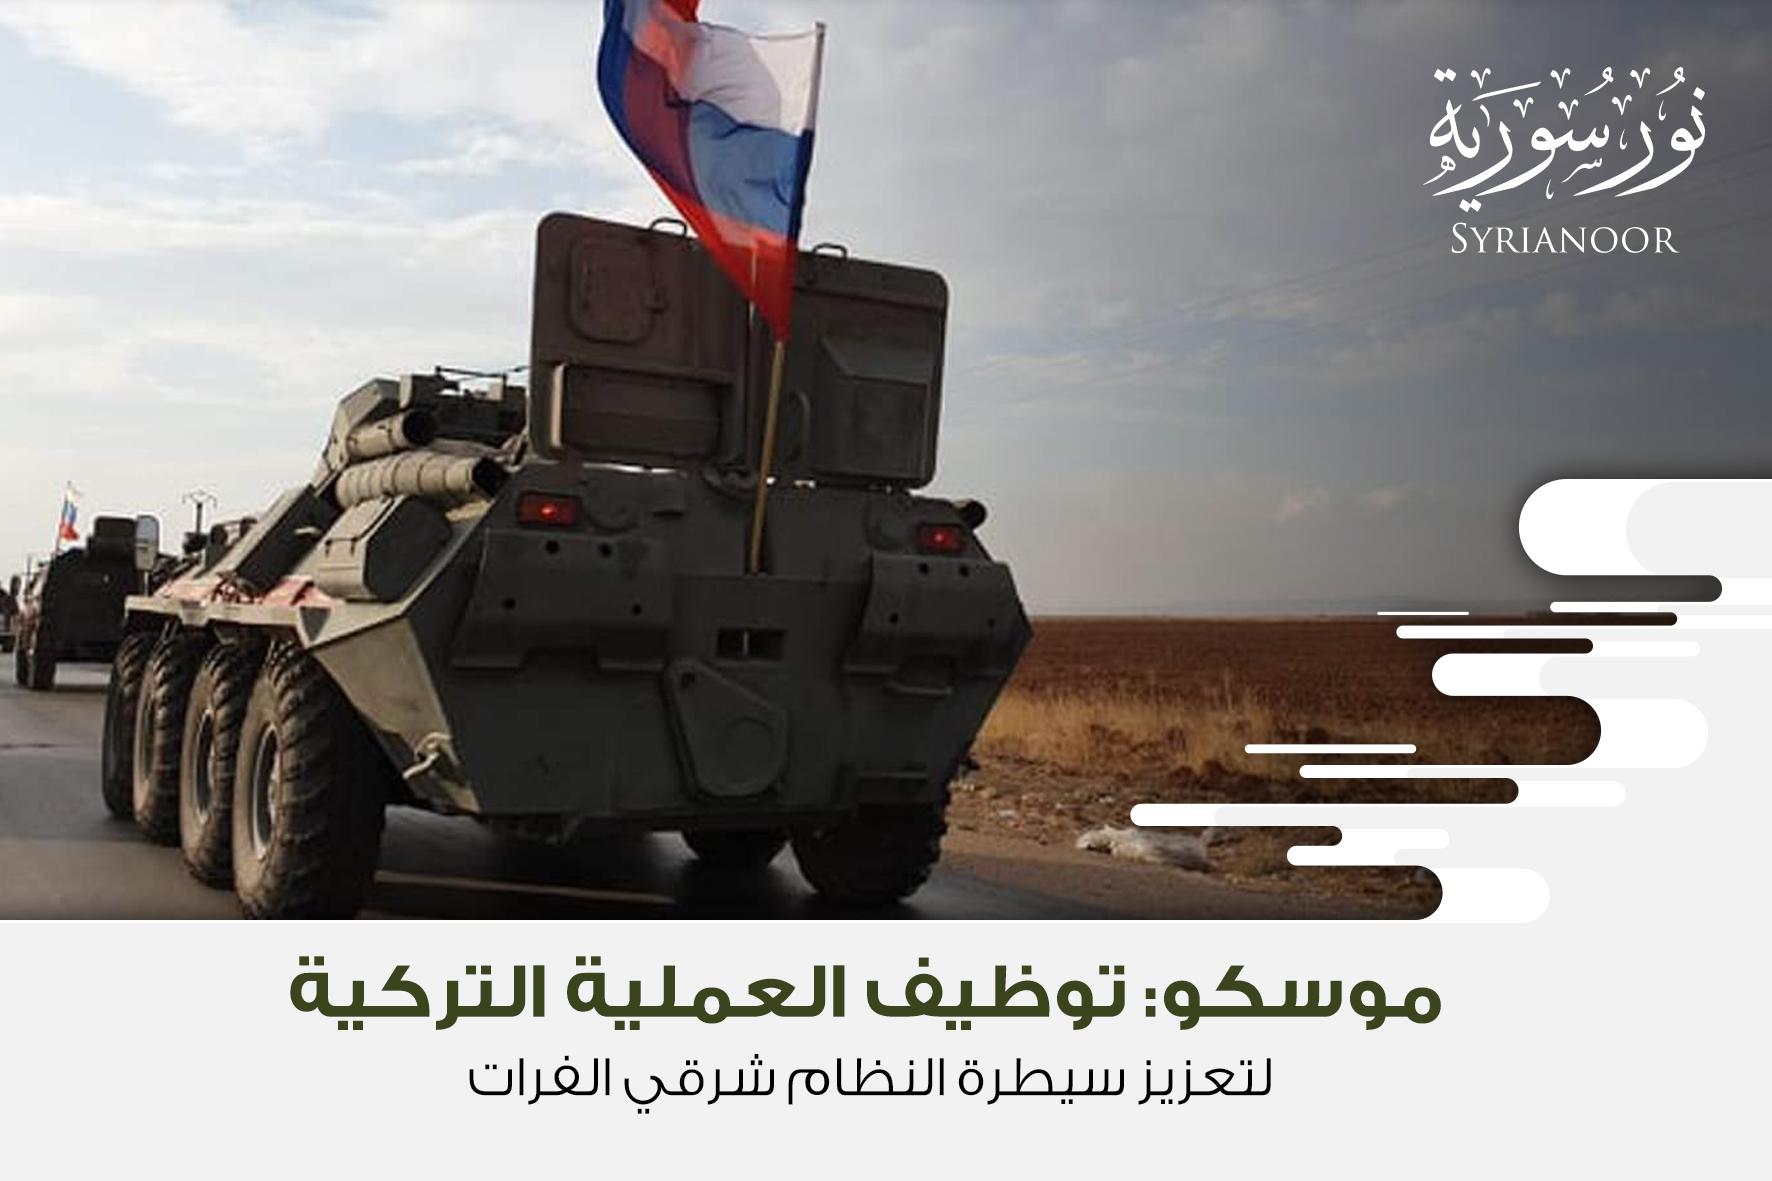 موسكو: توظيف العملية التركية لتعزيز سيطرة النظام شرقي الفرات